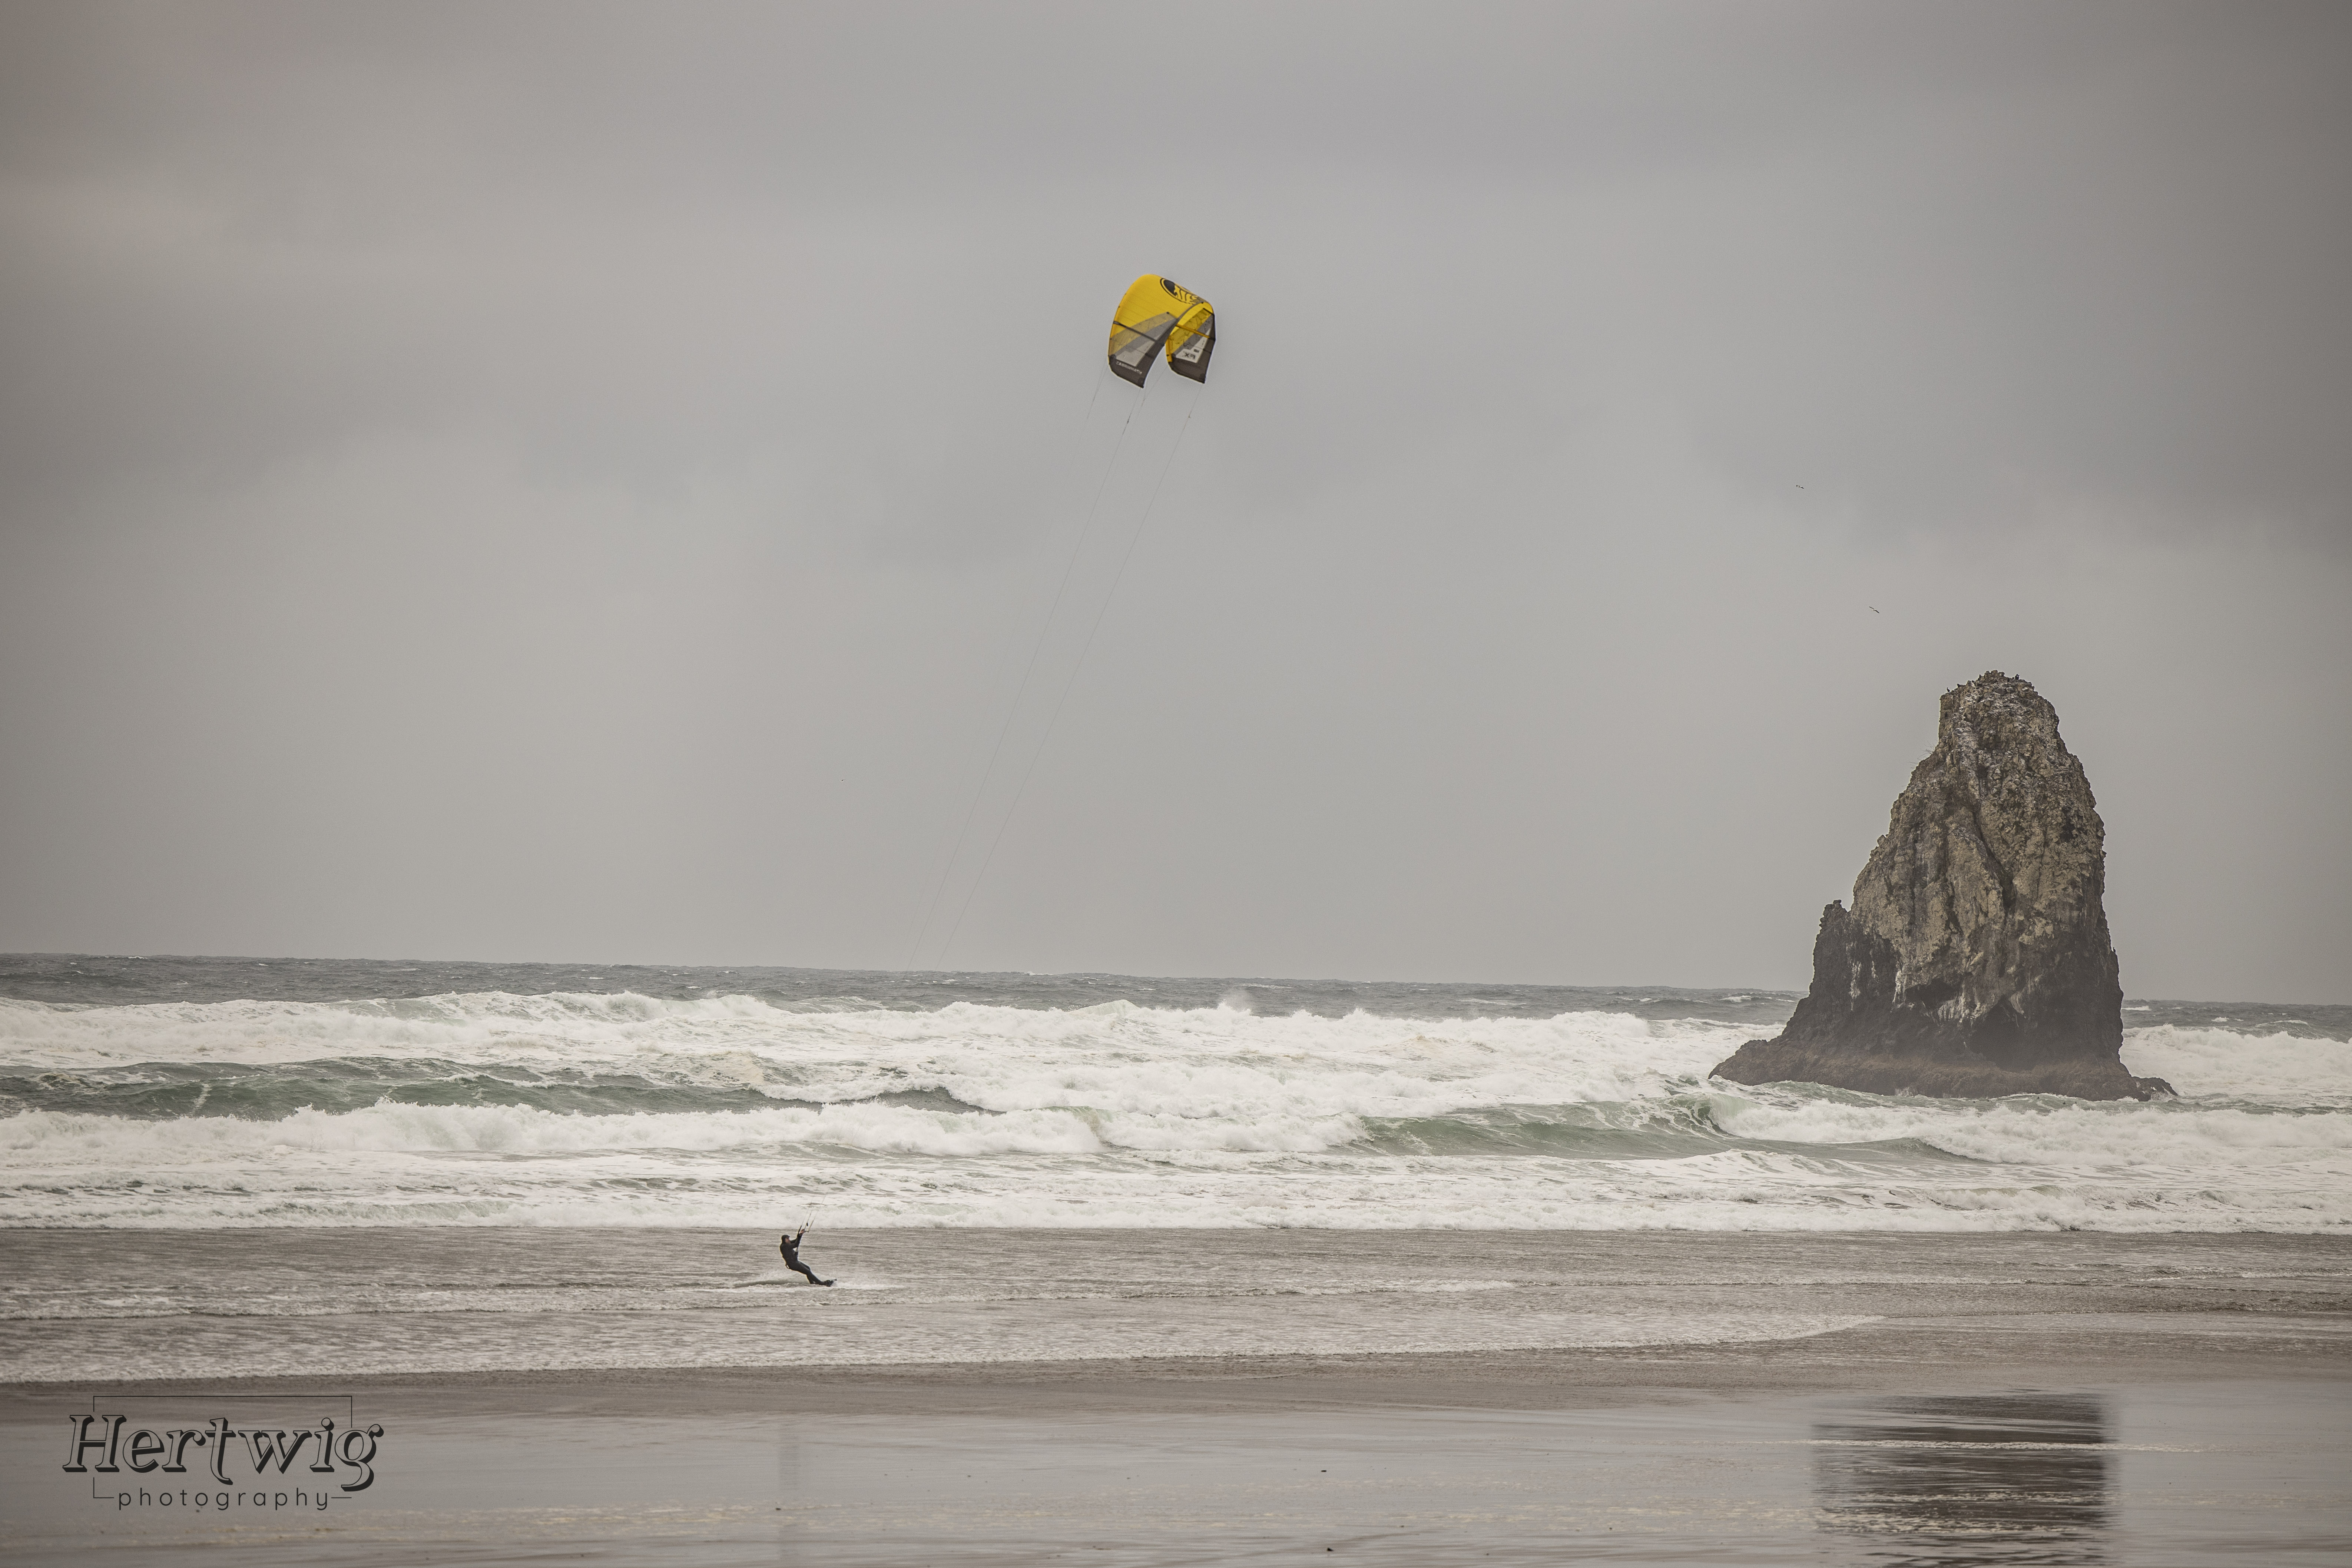 Winter Wind Surfer